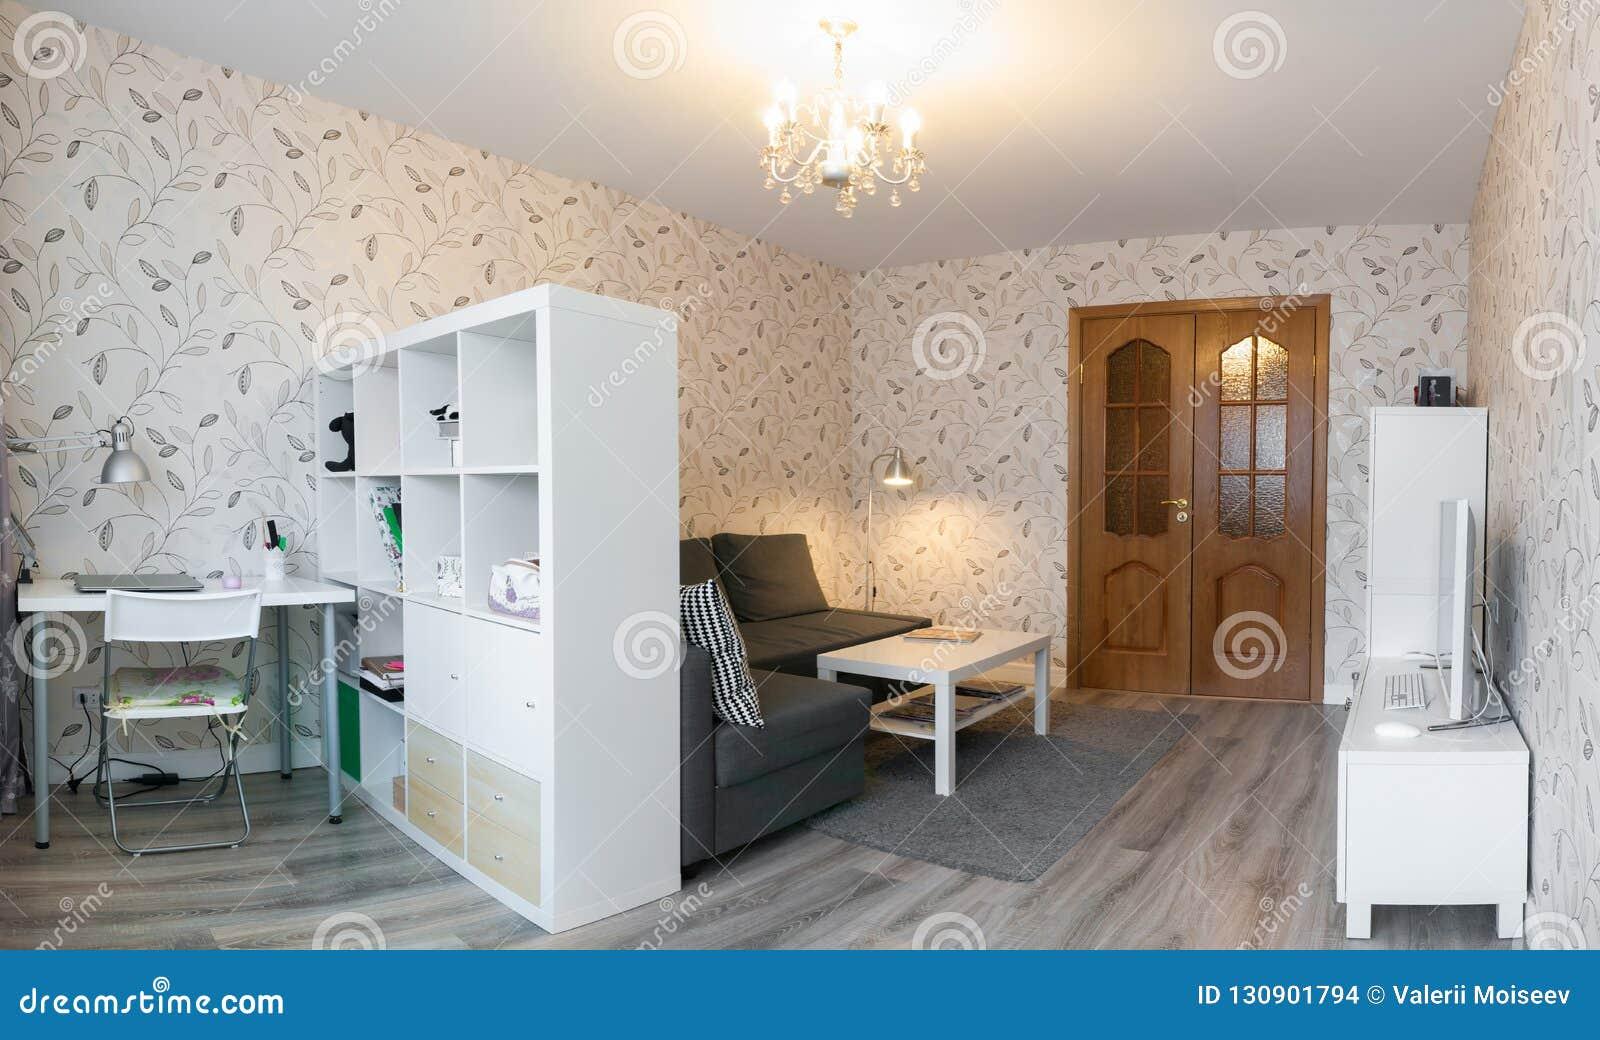 Appartement Moderne Dans Des Couleurs Chaudes Douces, Intérieur ...